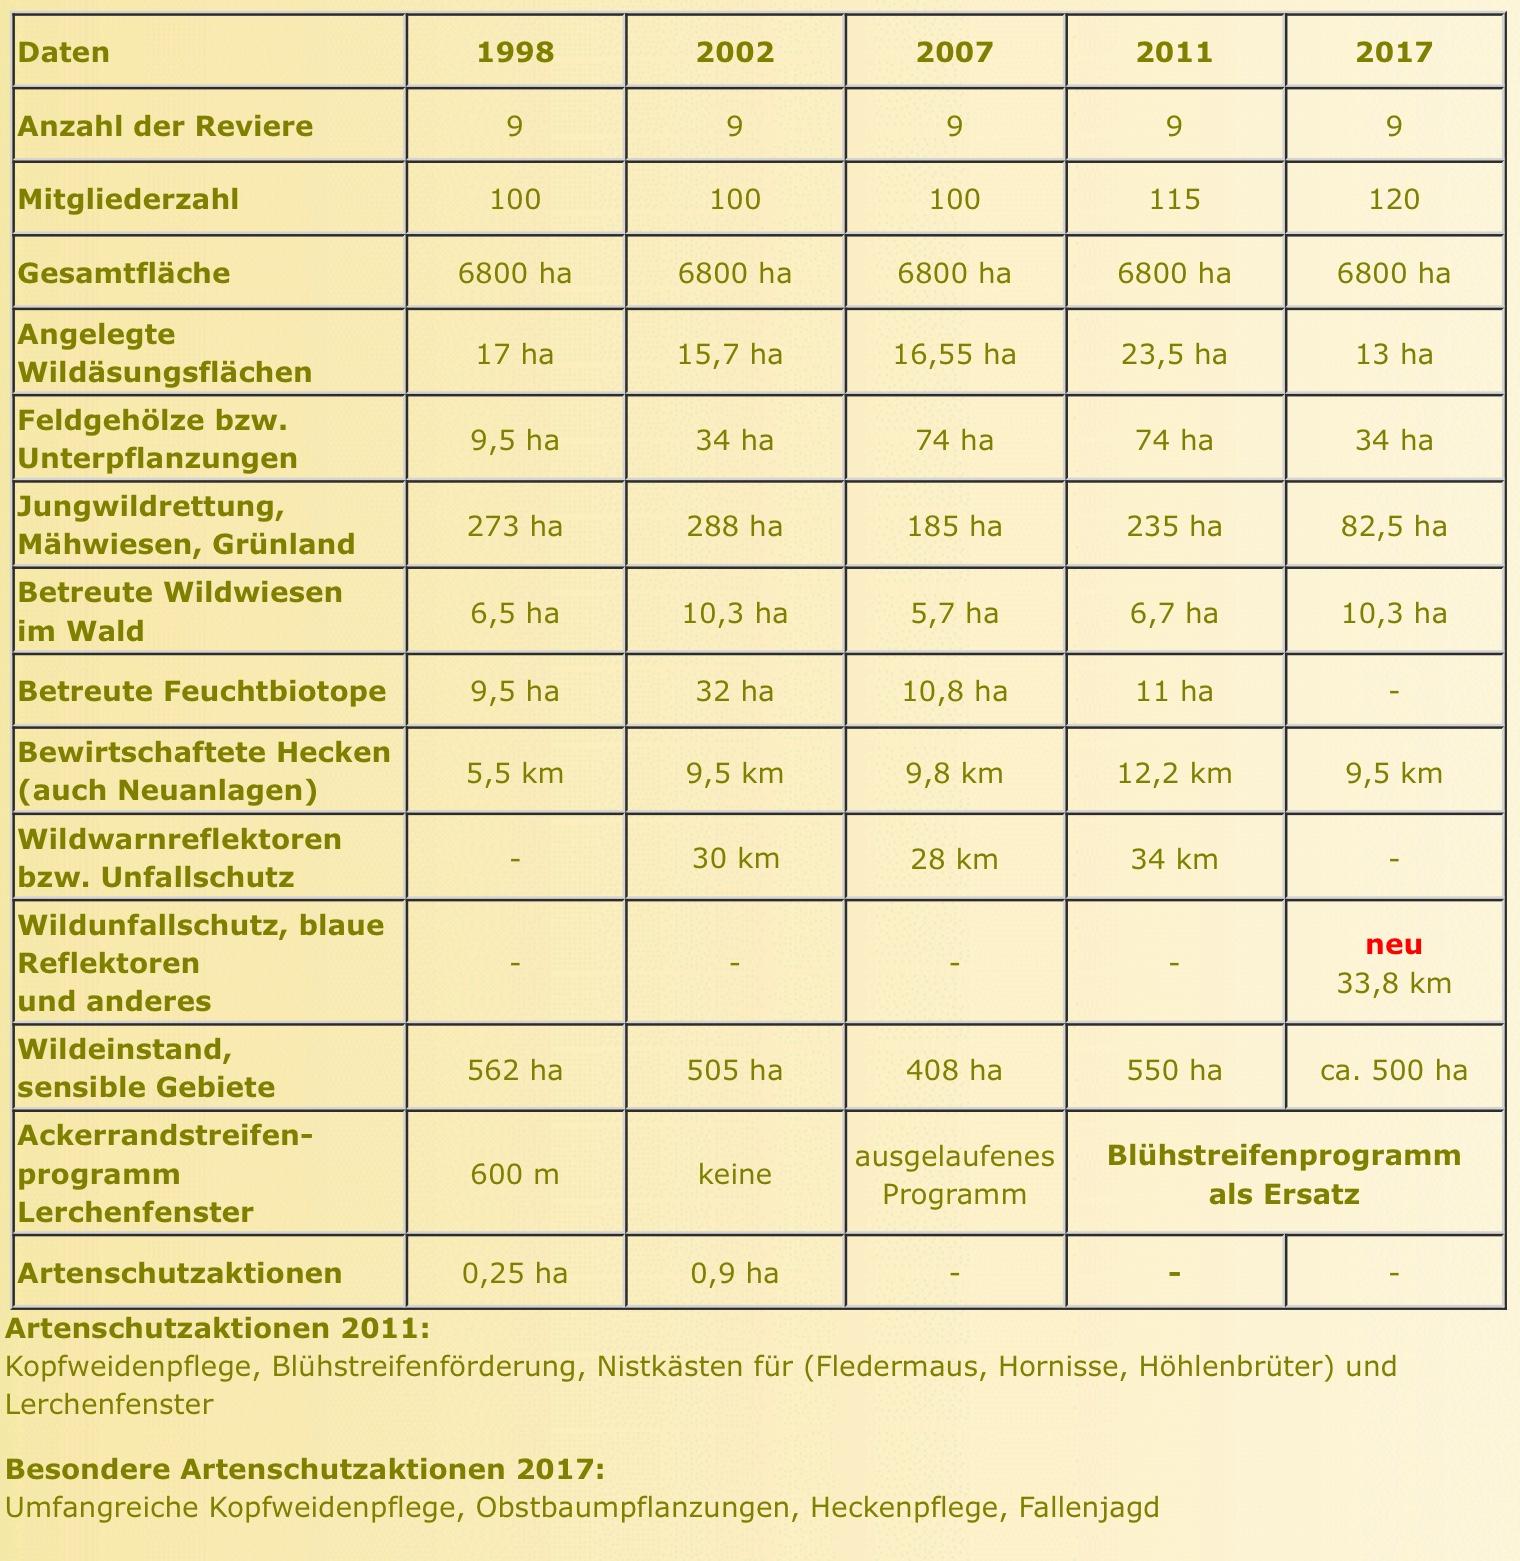 Der Hegering Boldecker Land in Zahlen